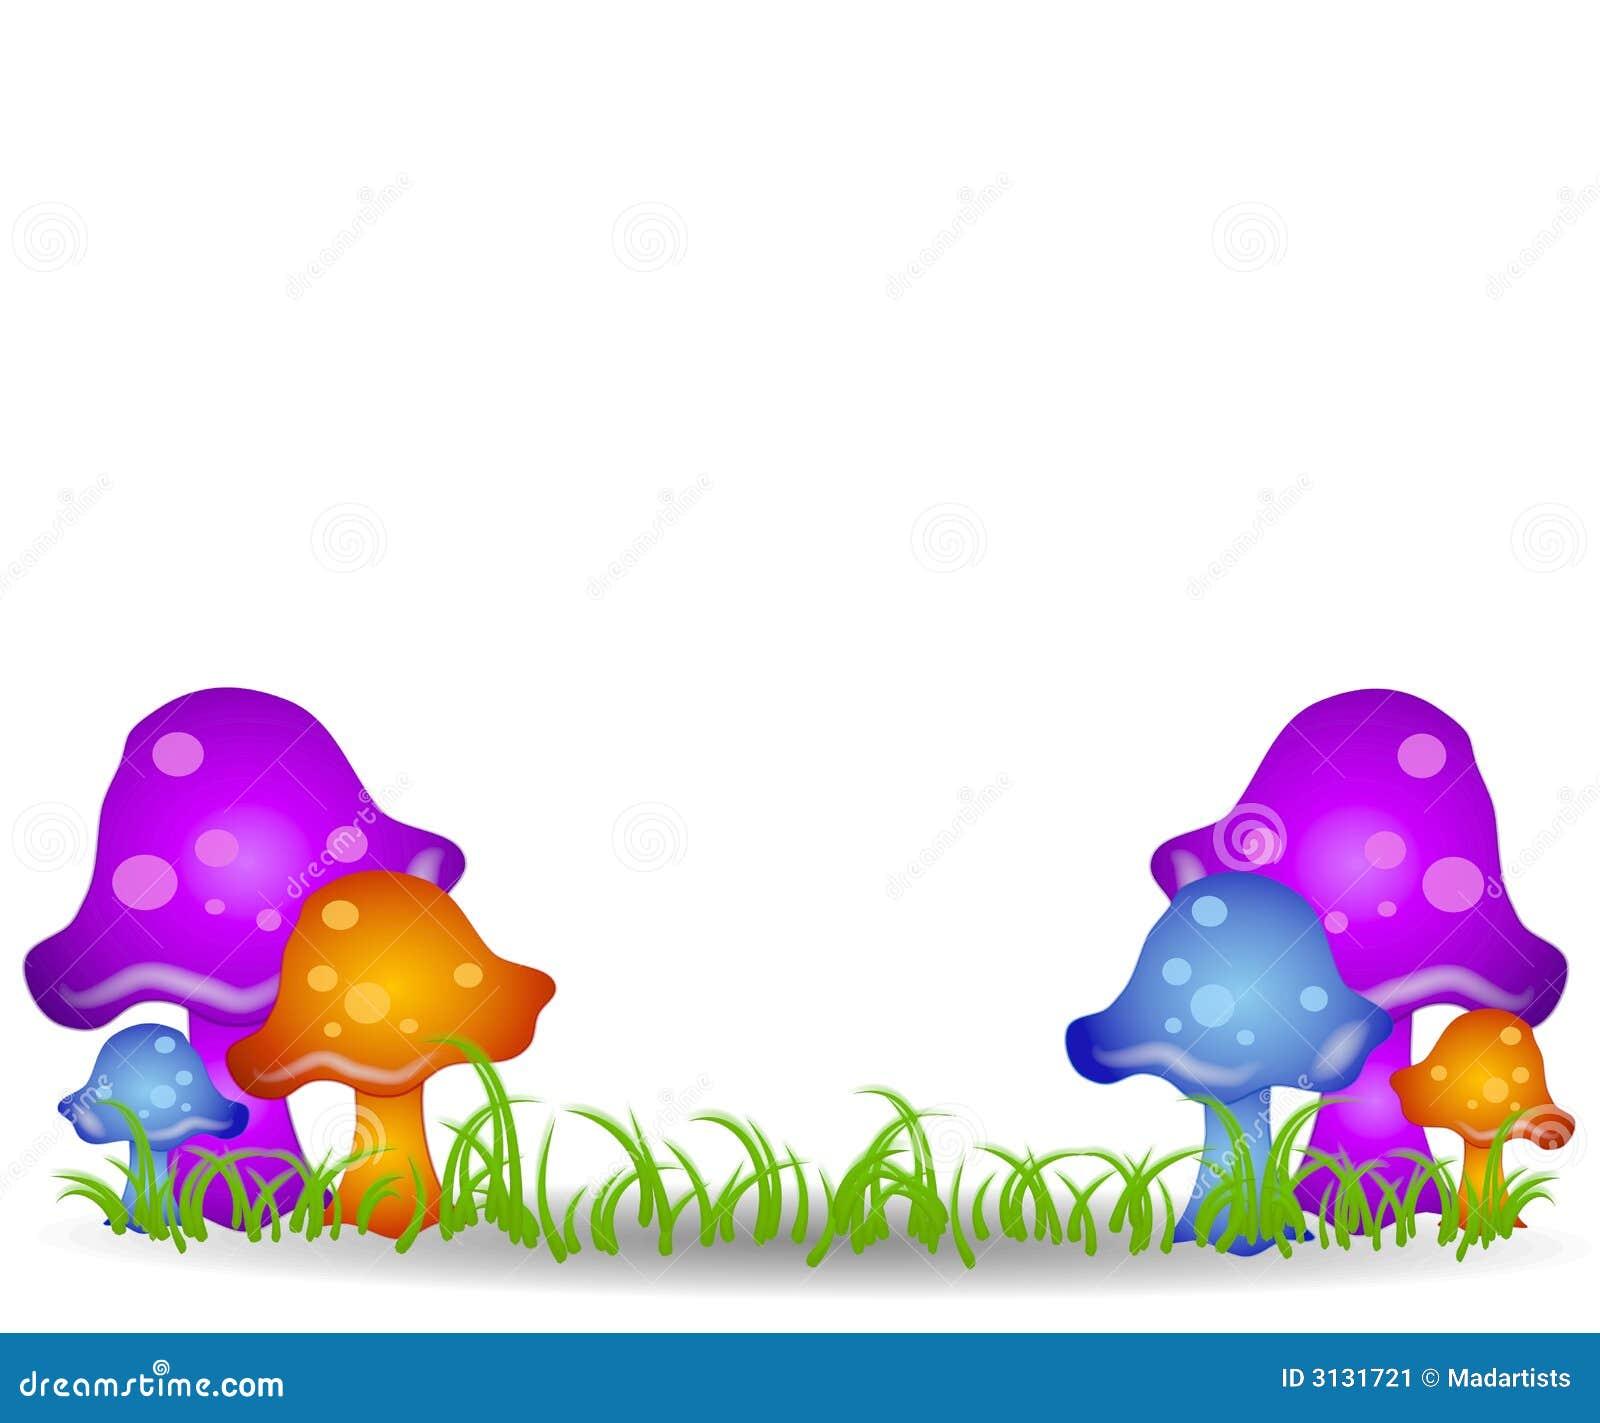 Mushrooms in Field Clip Art 2